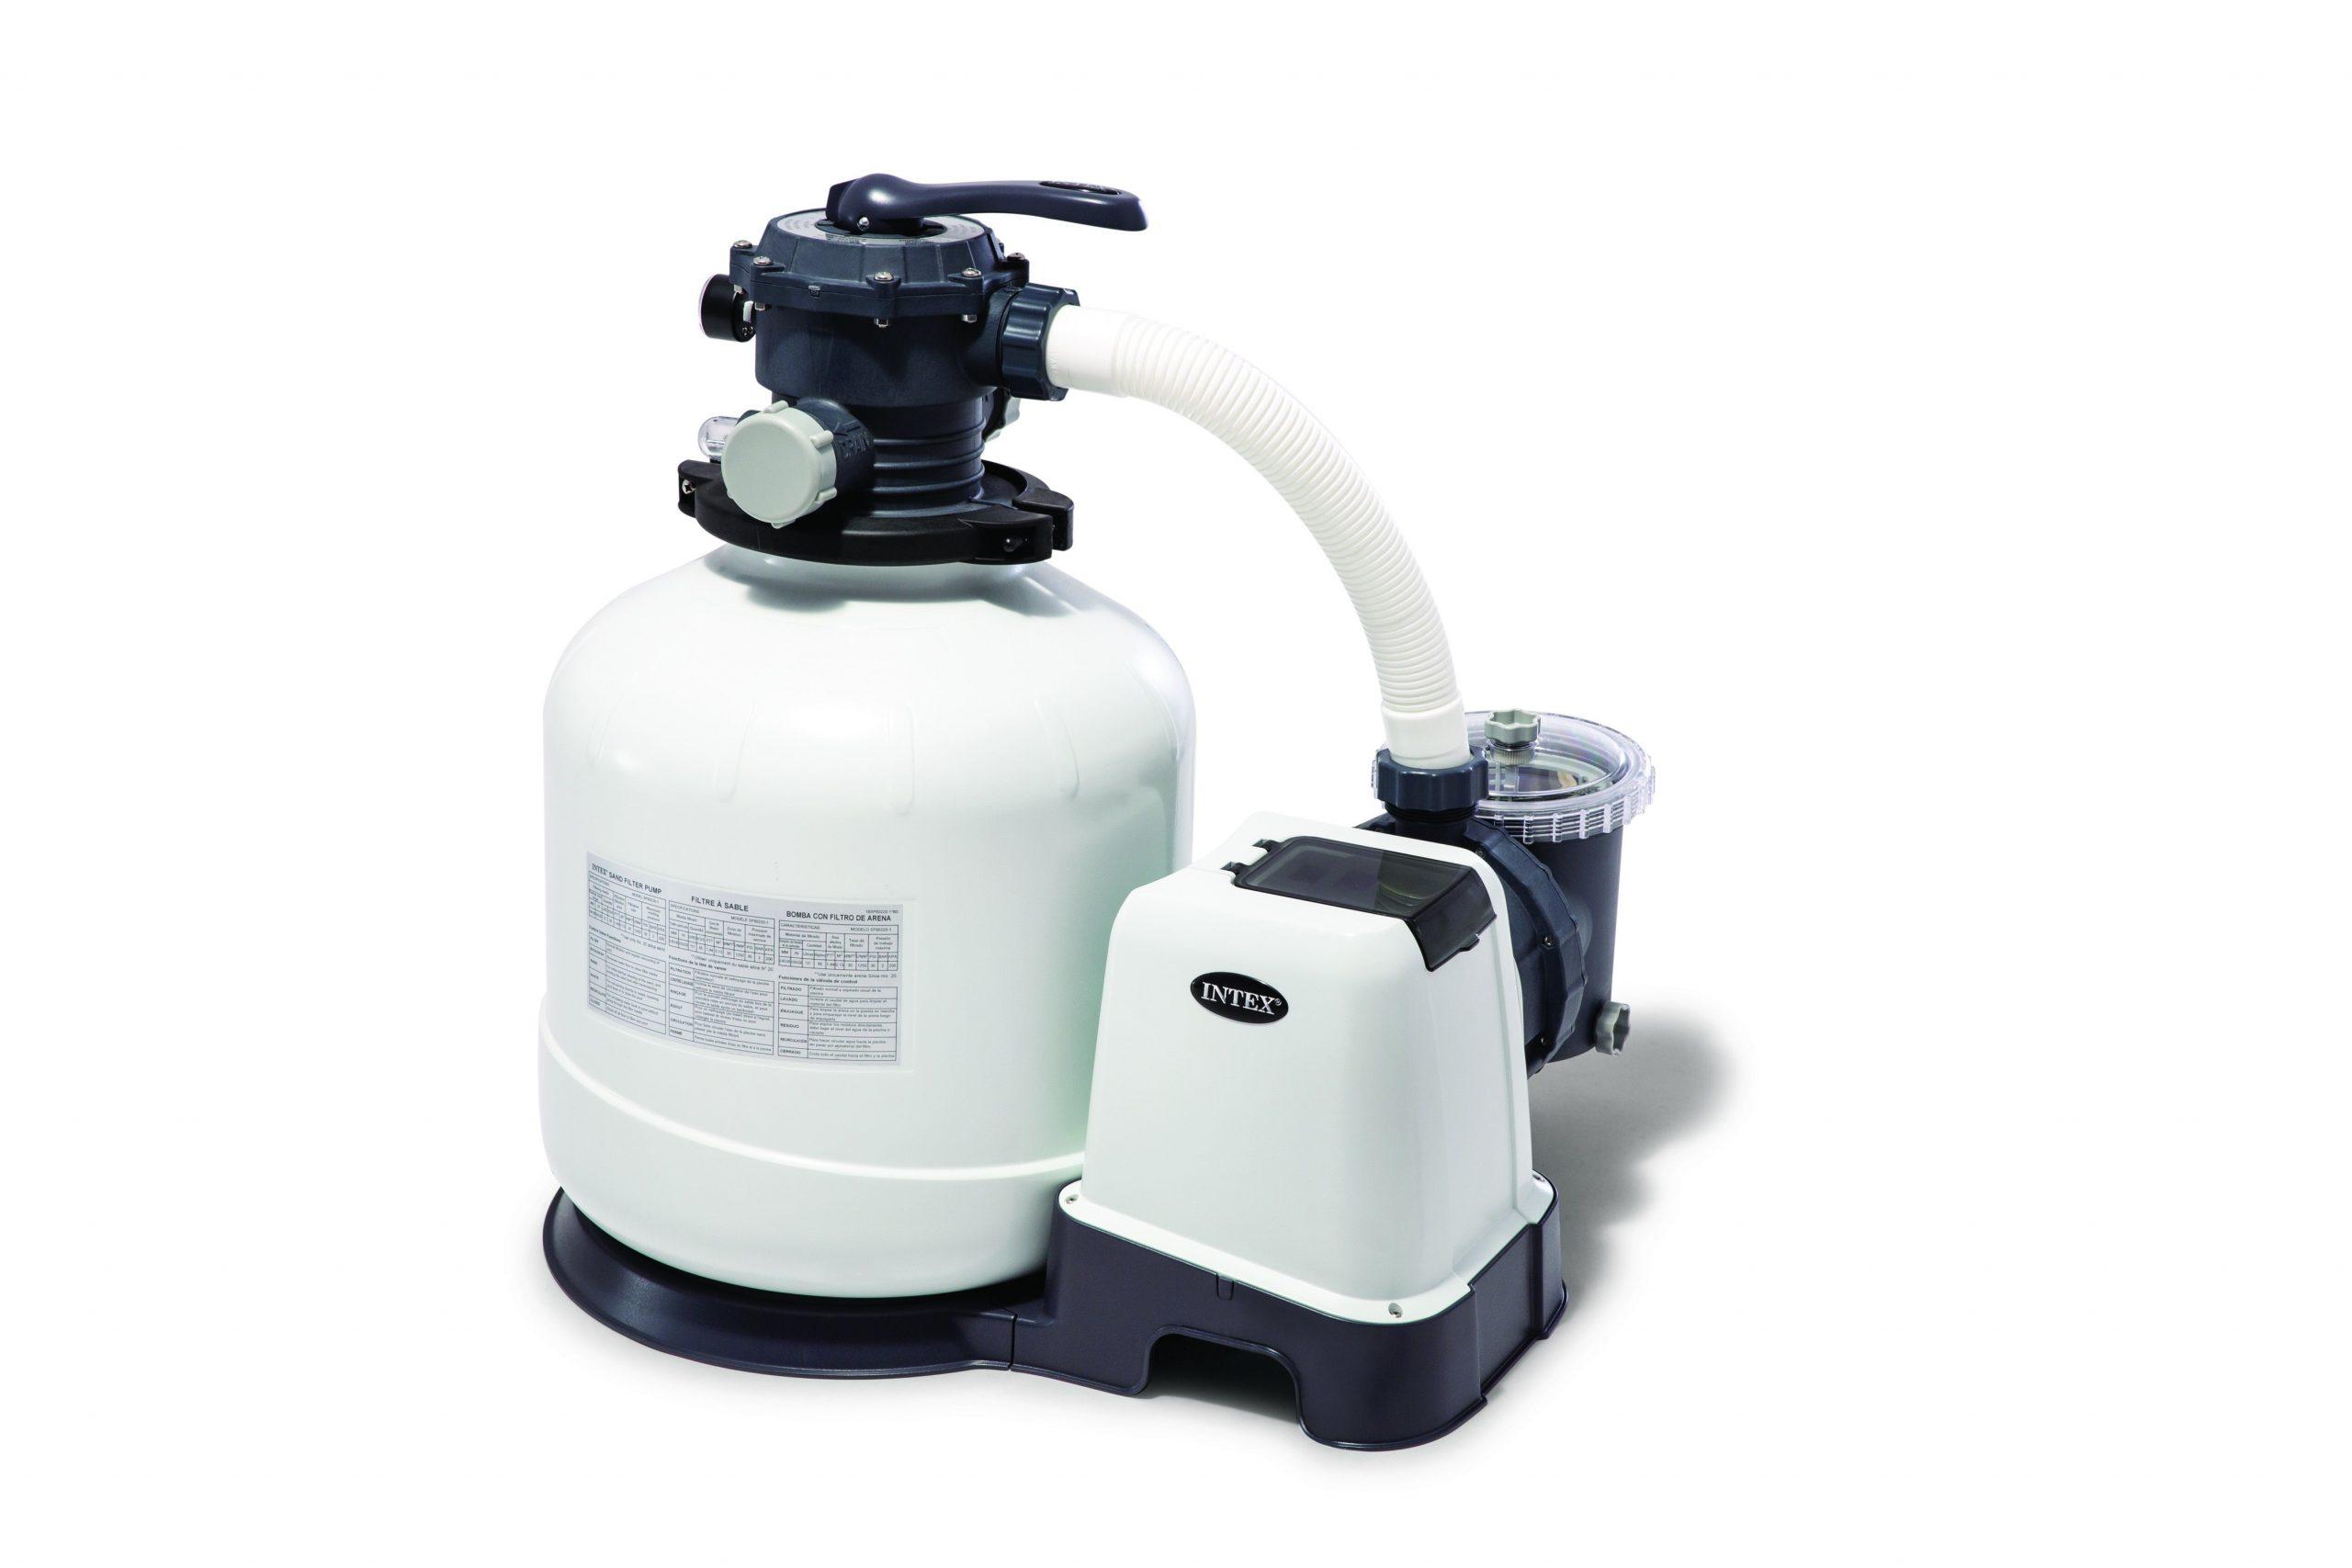 Filtre À Sable Pour Piscine Intex 10 M³/h intérieur Pompe Piscine Leroy Merlin